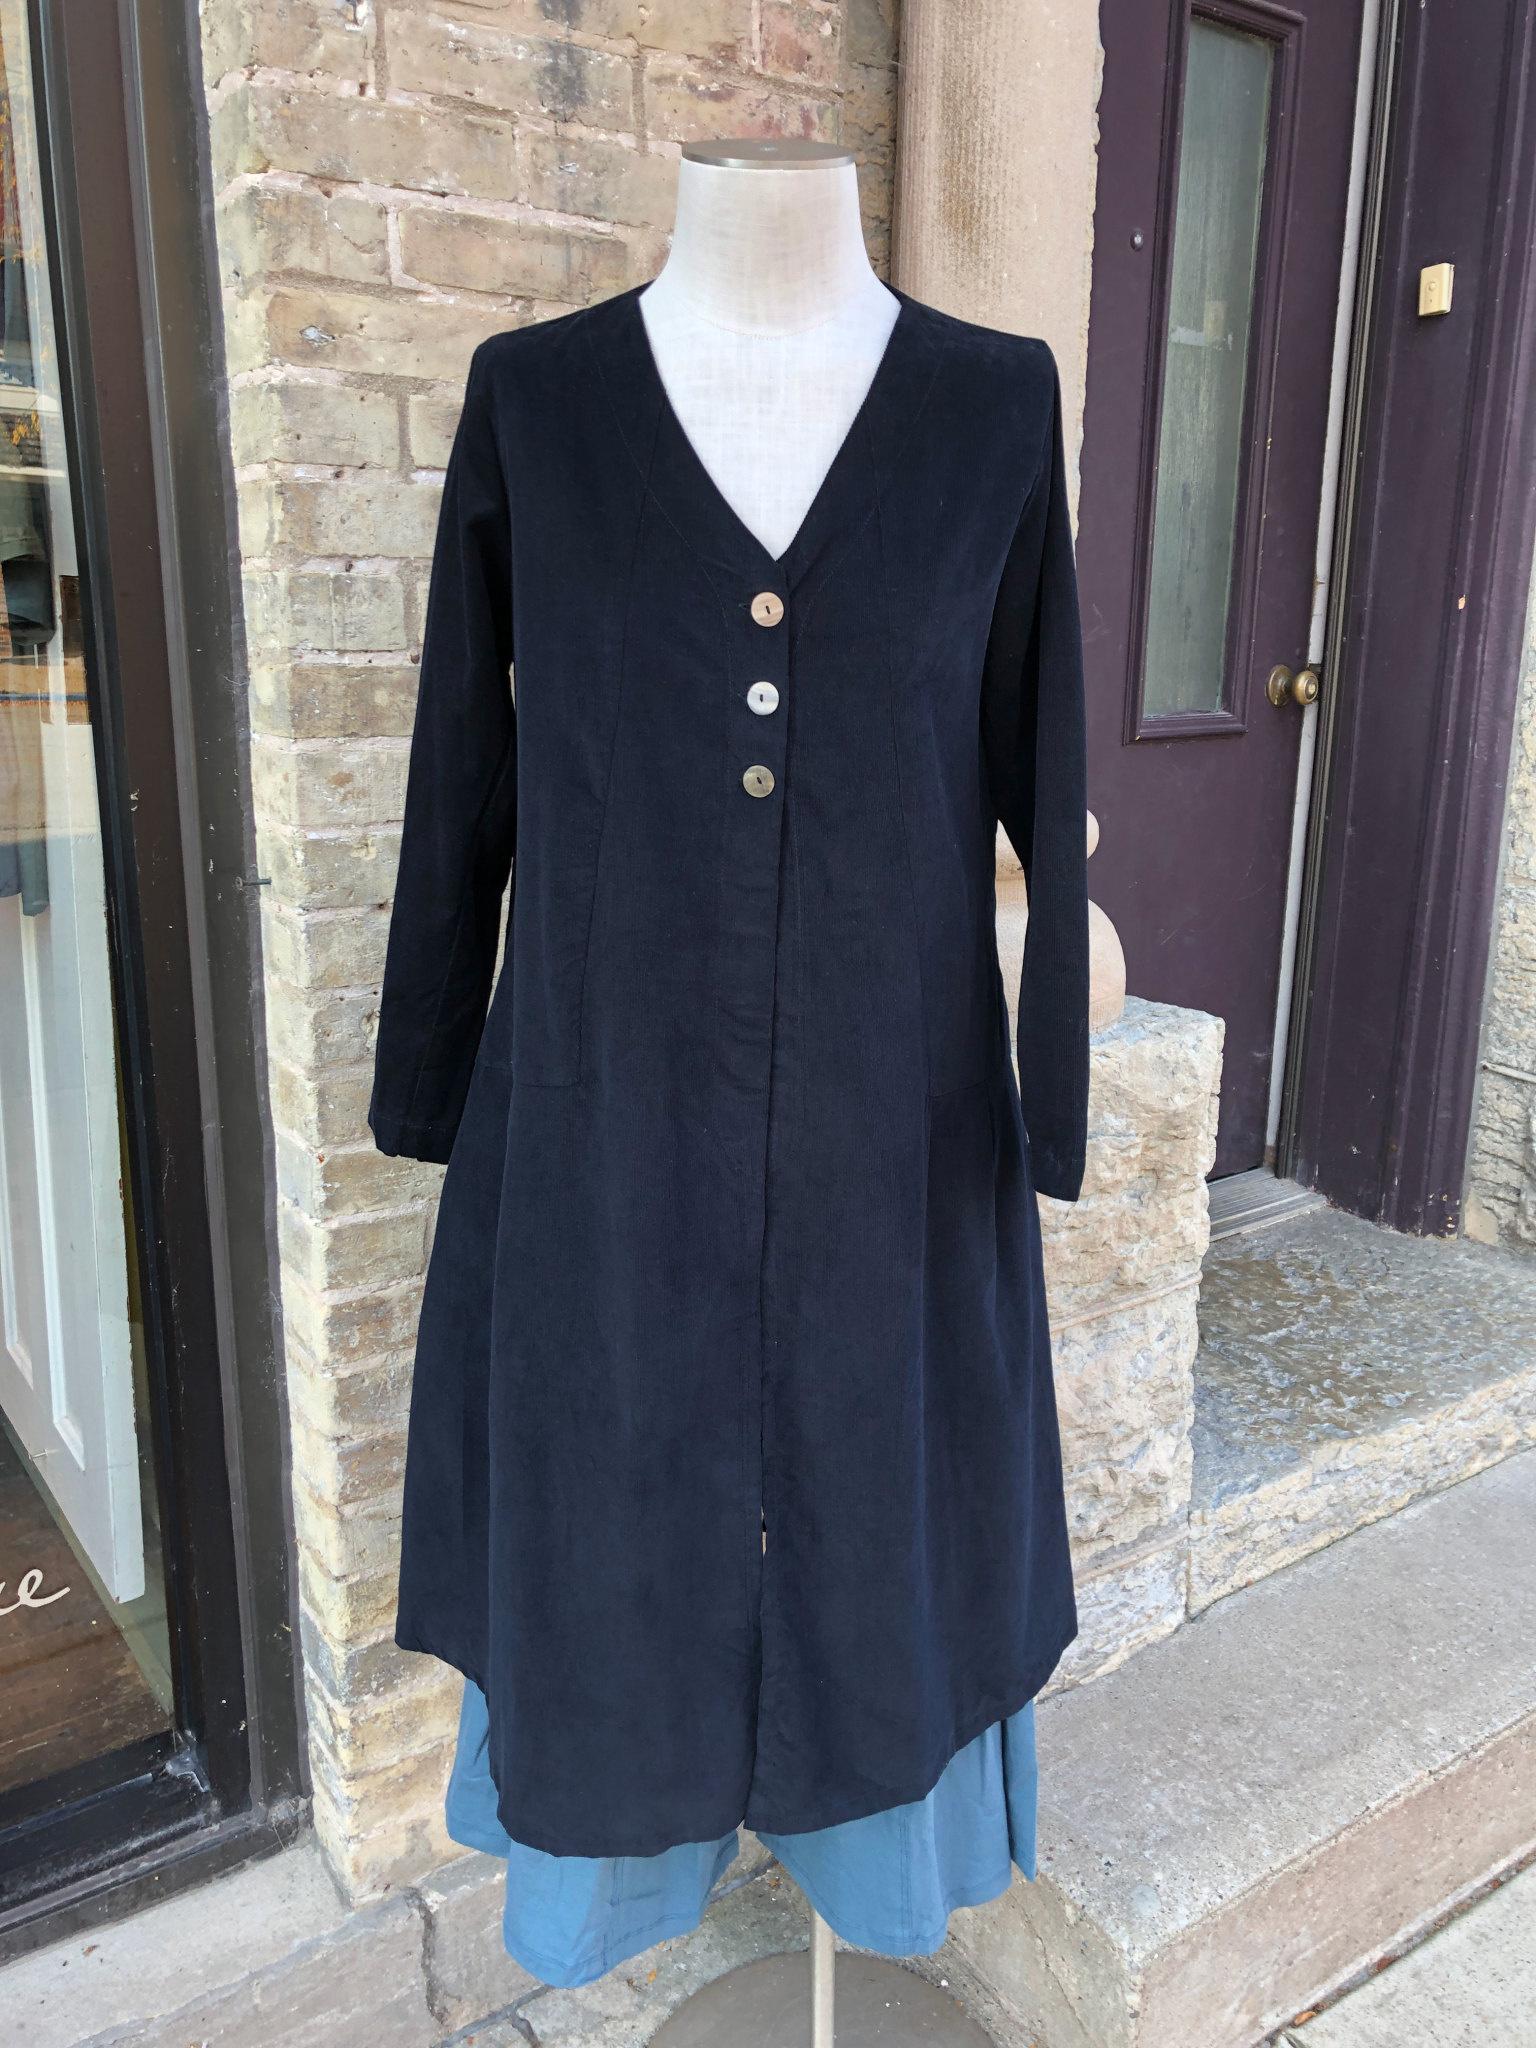 Just Jill Corduroy Inseam Pocket Dress